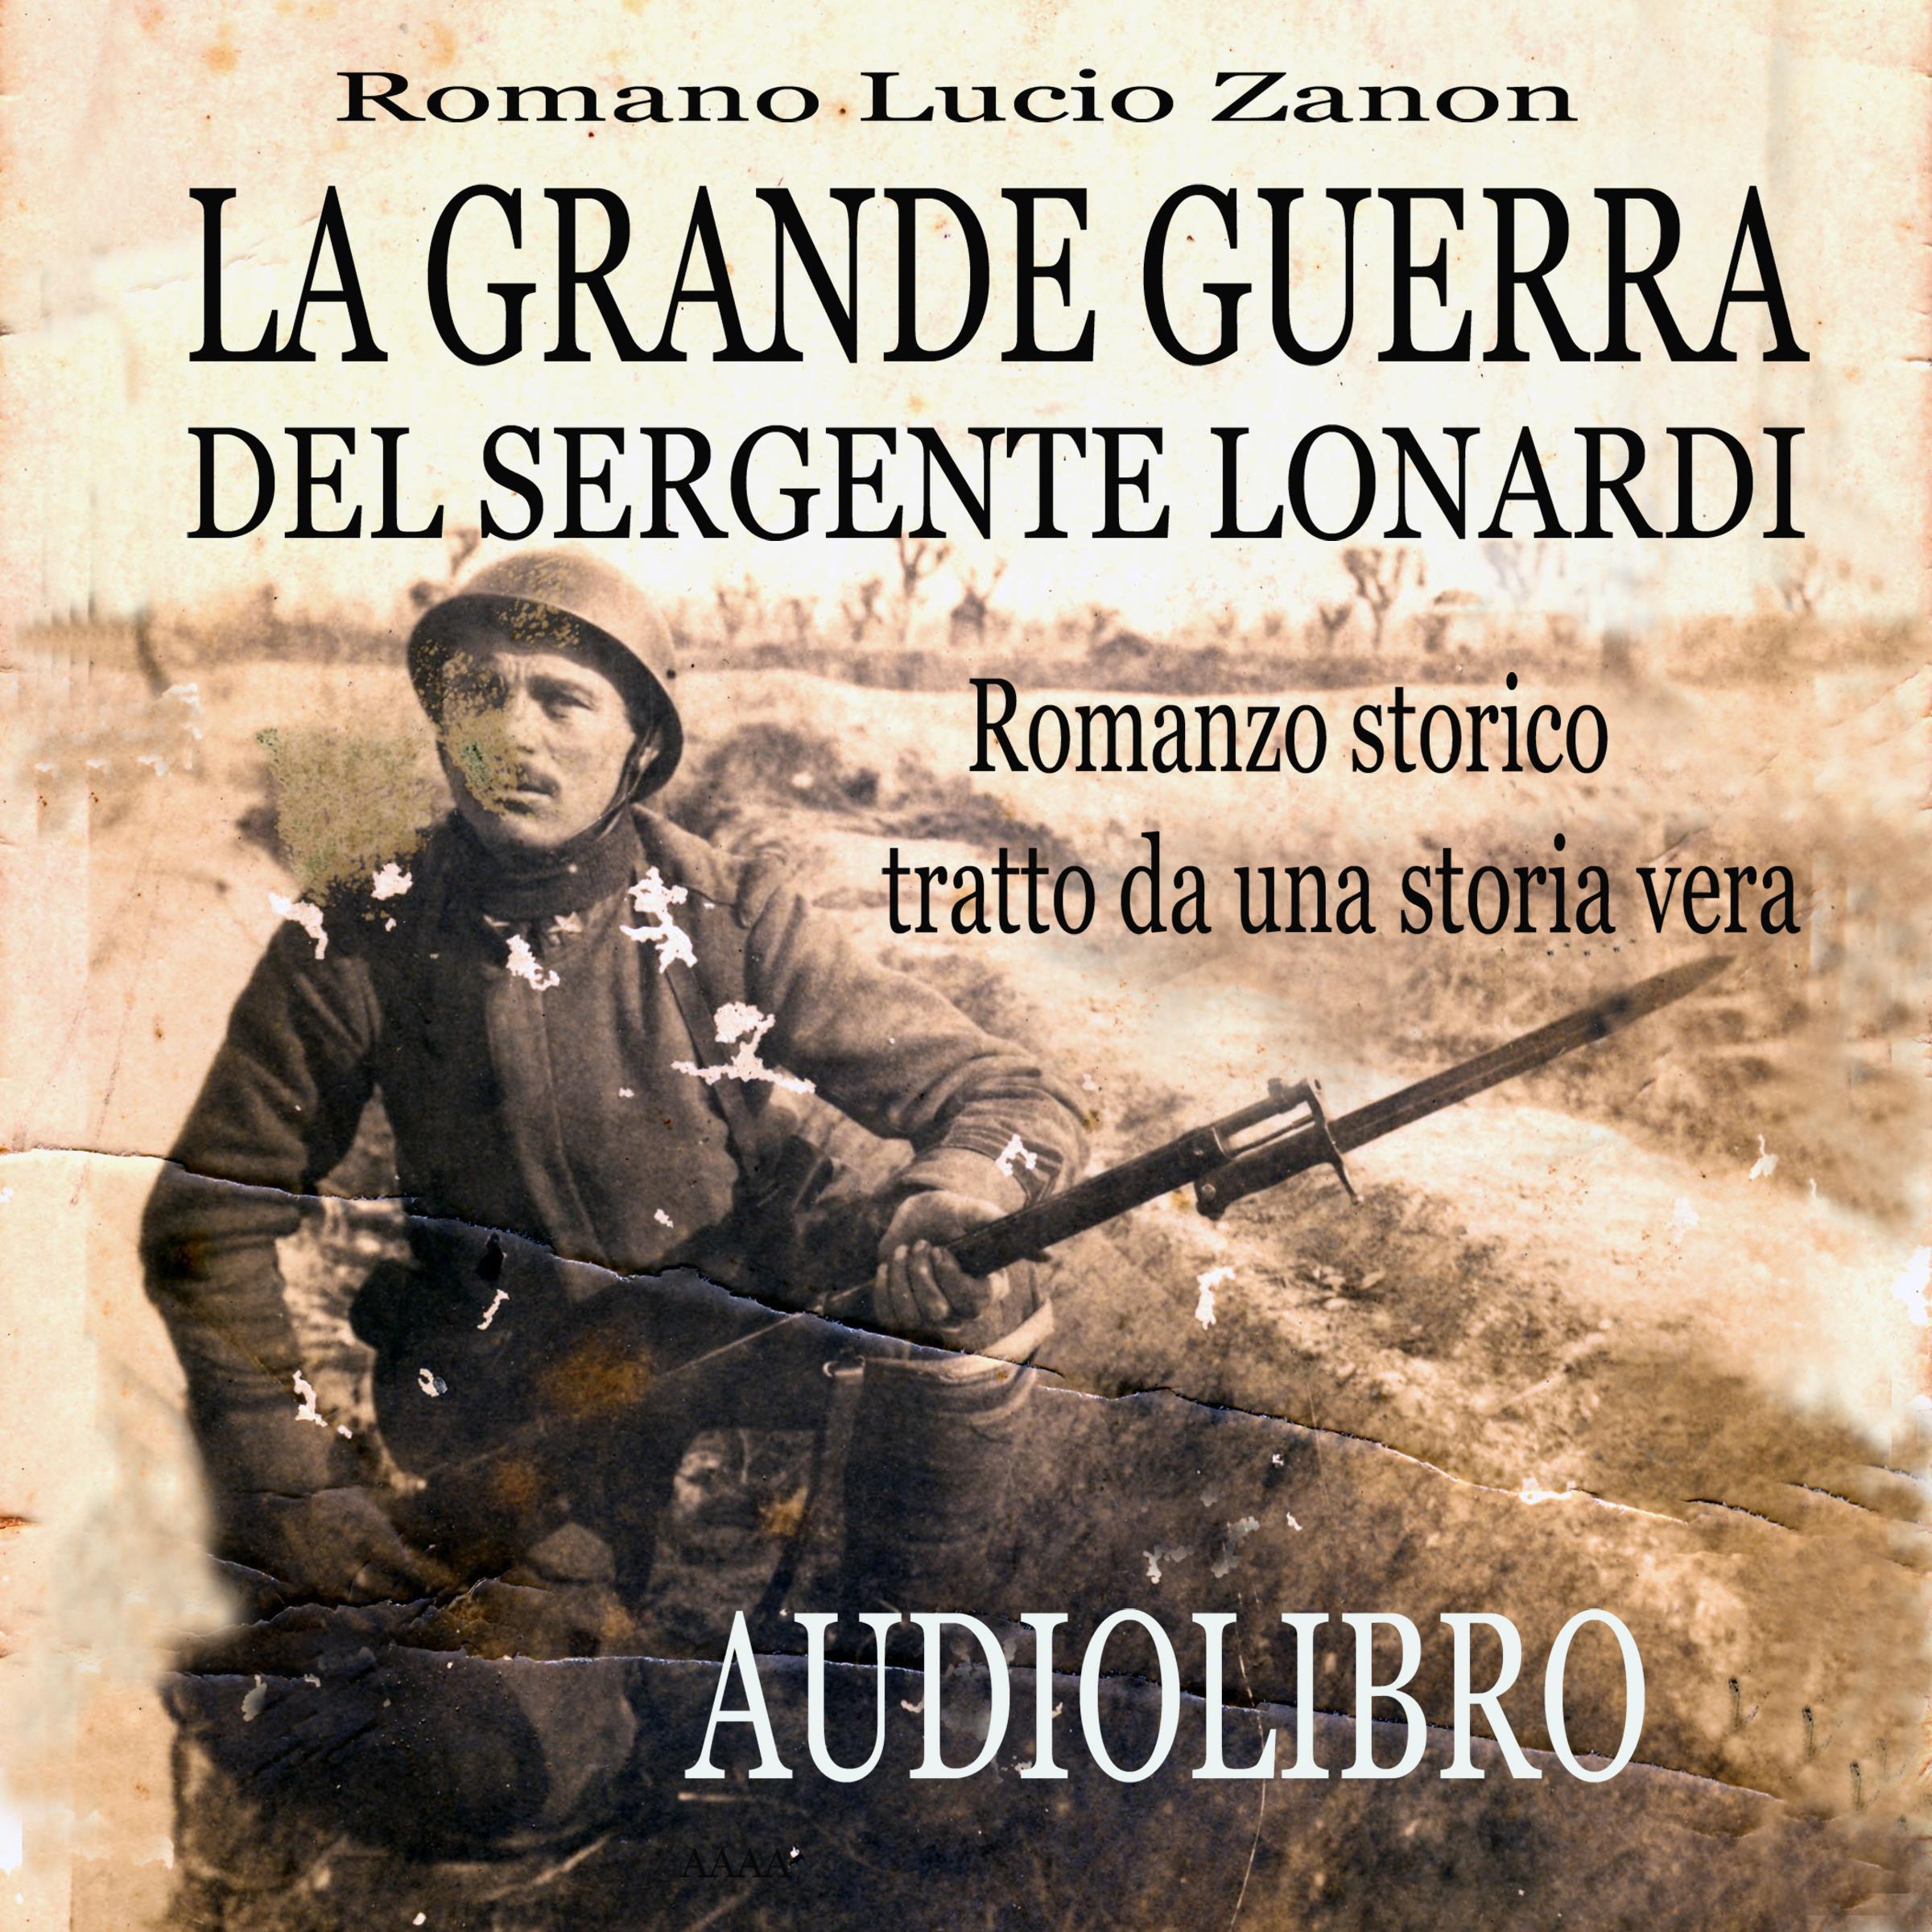 La grande guerra del sergente Lonardi